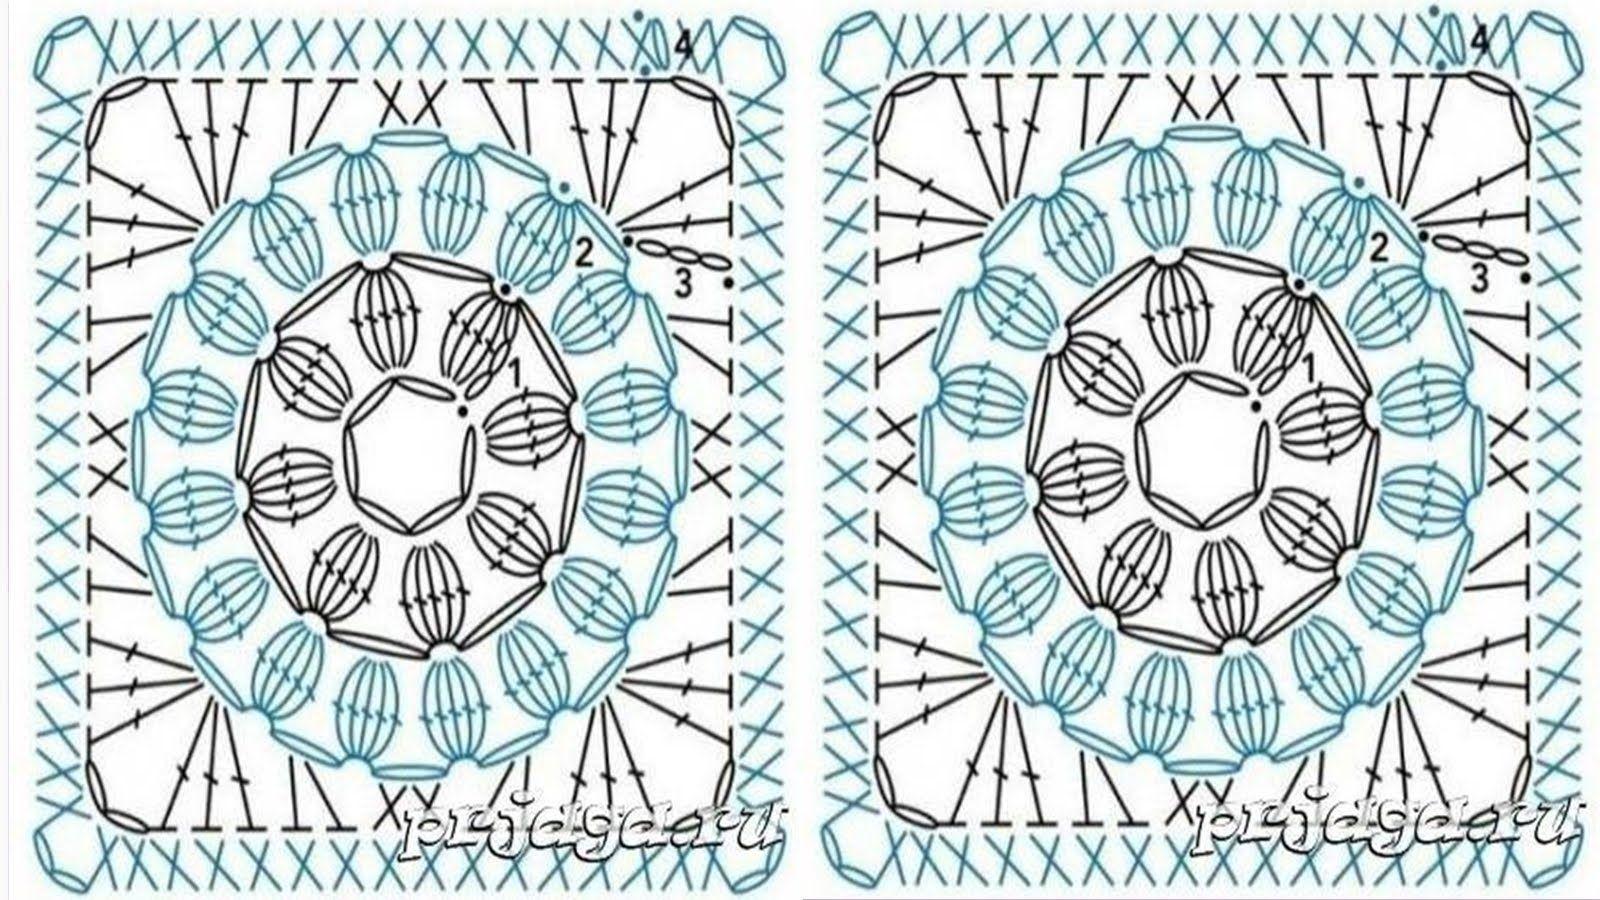 coser en el patrón patrones de costura traje patrones de vestidos de ...